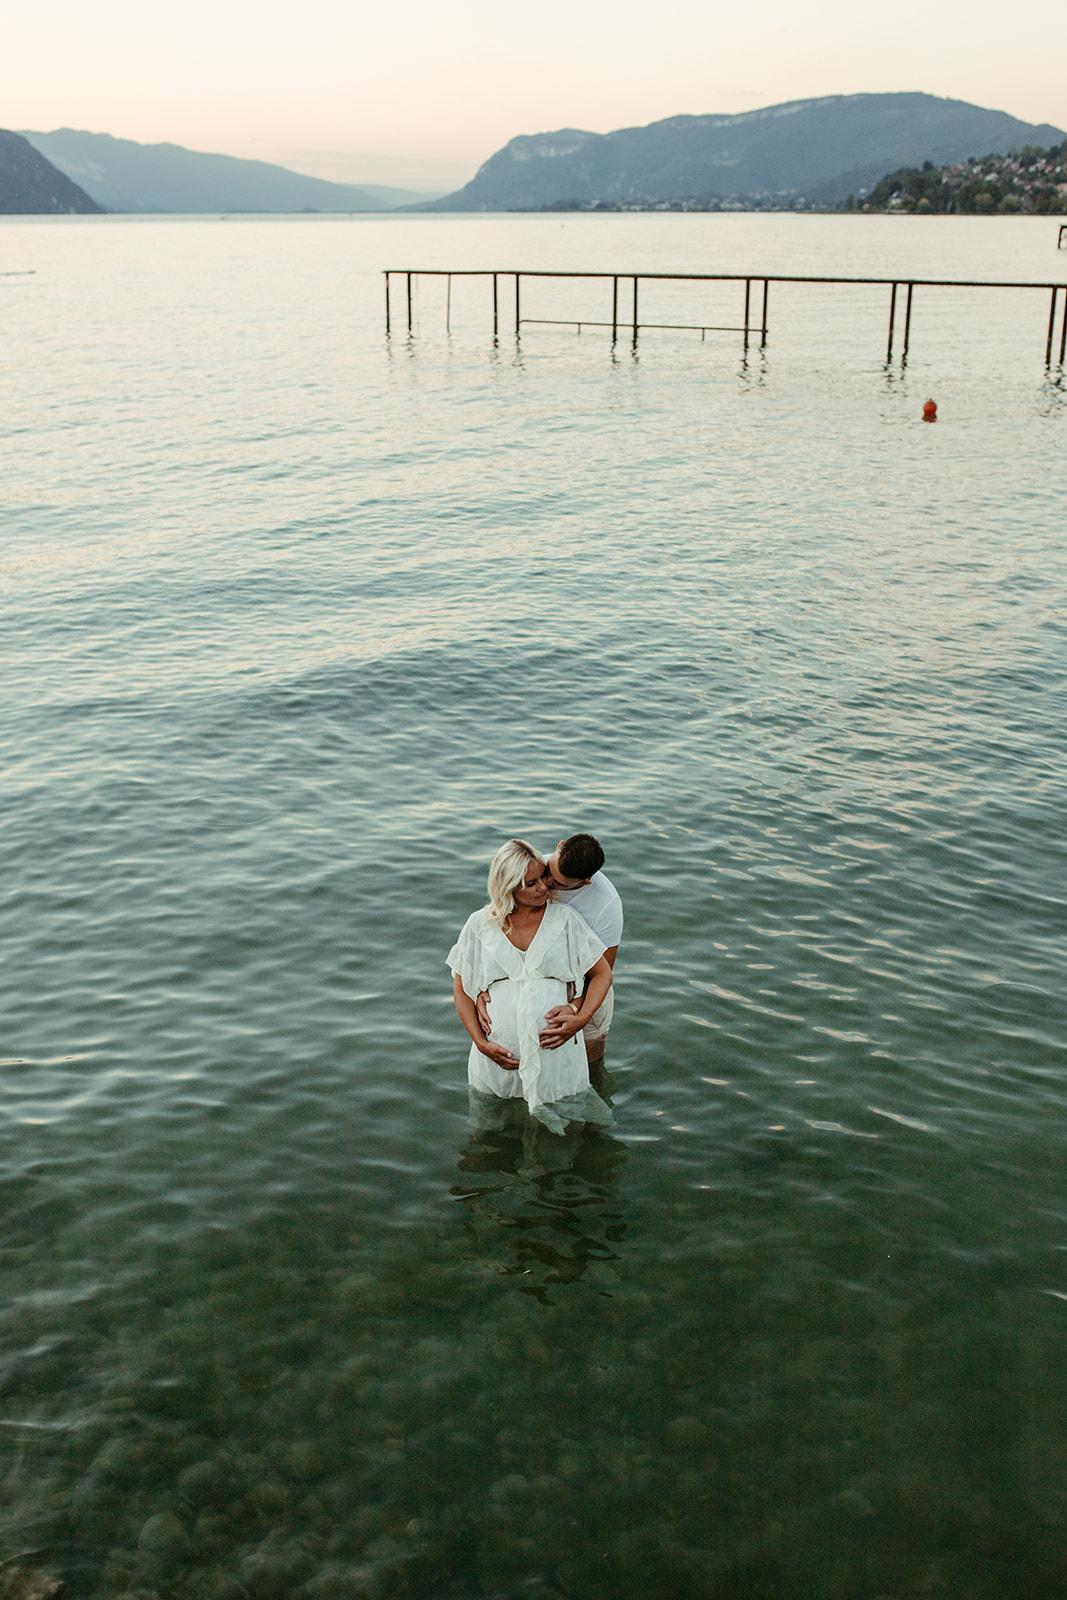 UTOPICLOVERS20200821 – MATERNITE MarArt 22571 - Une séance maternité d'été  au lac du Bourget.